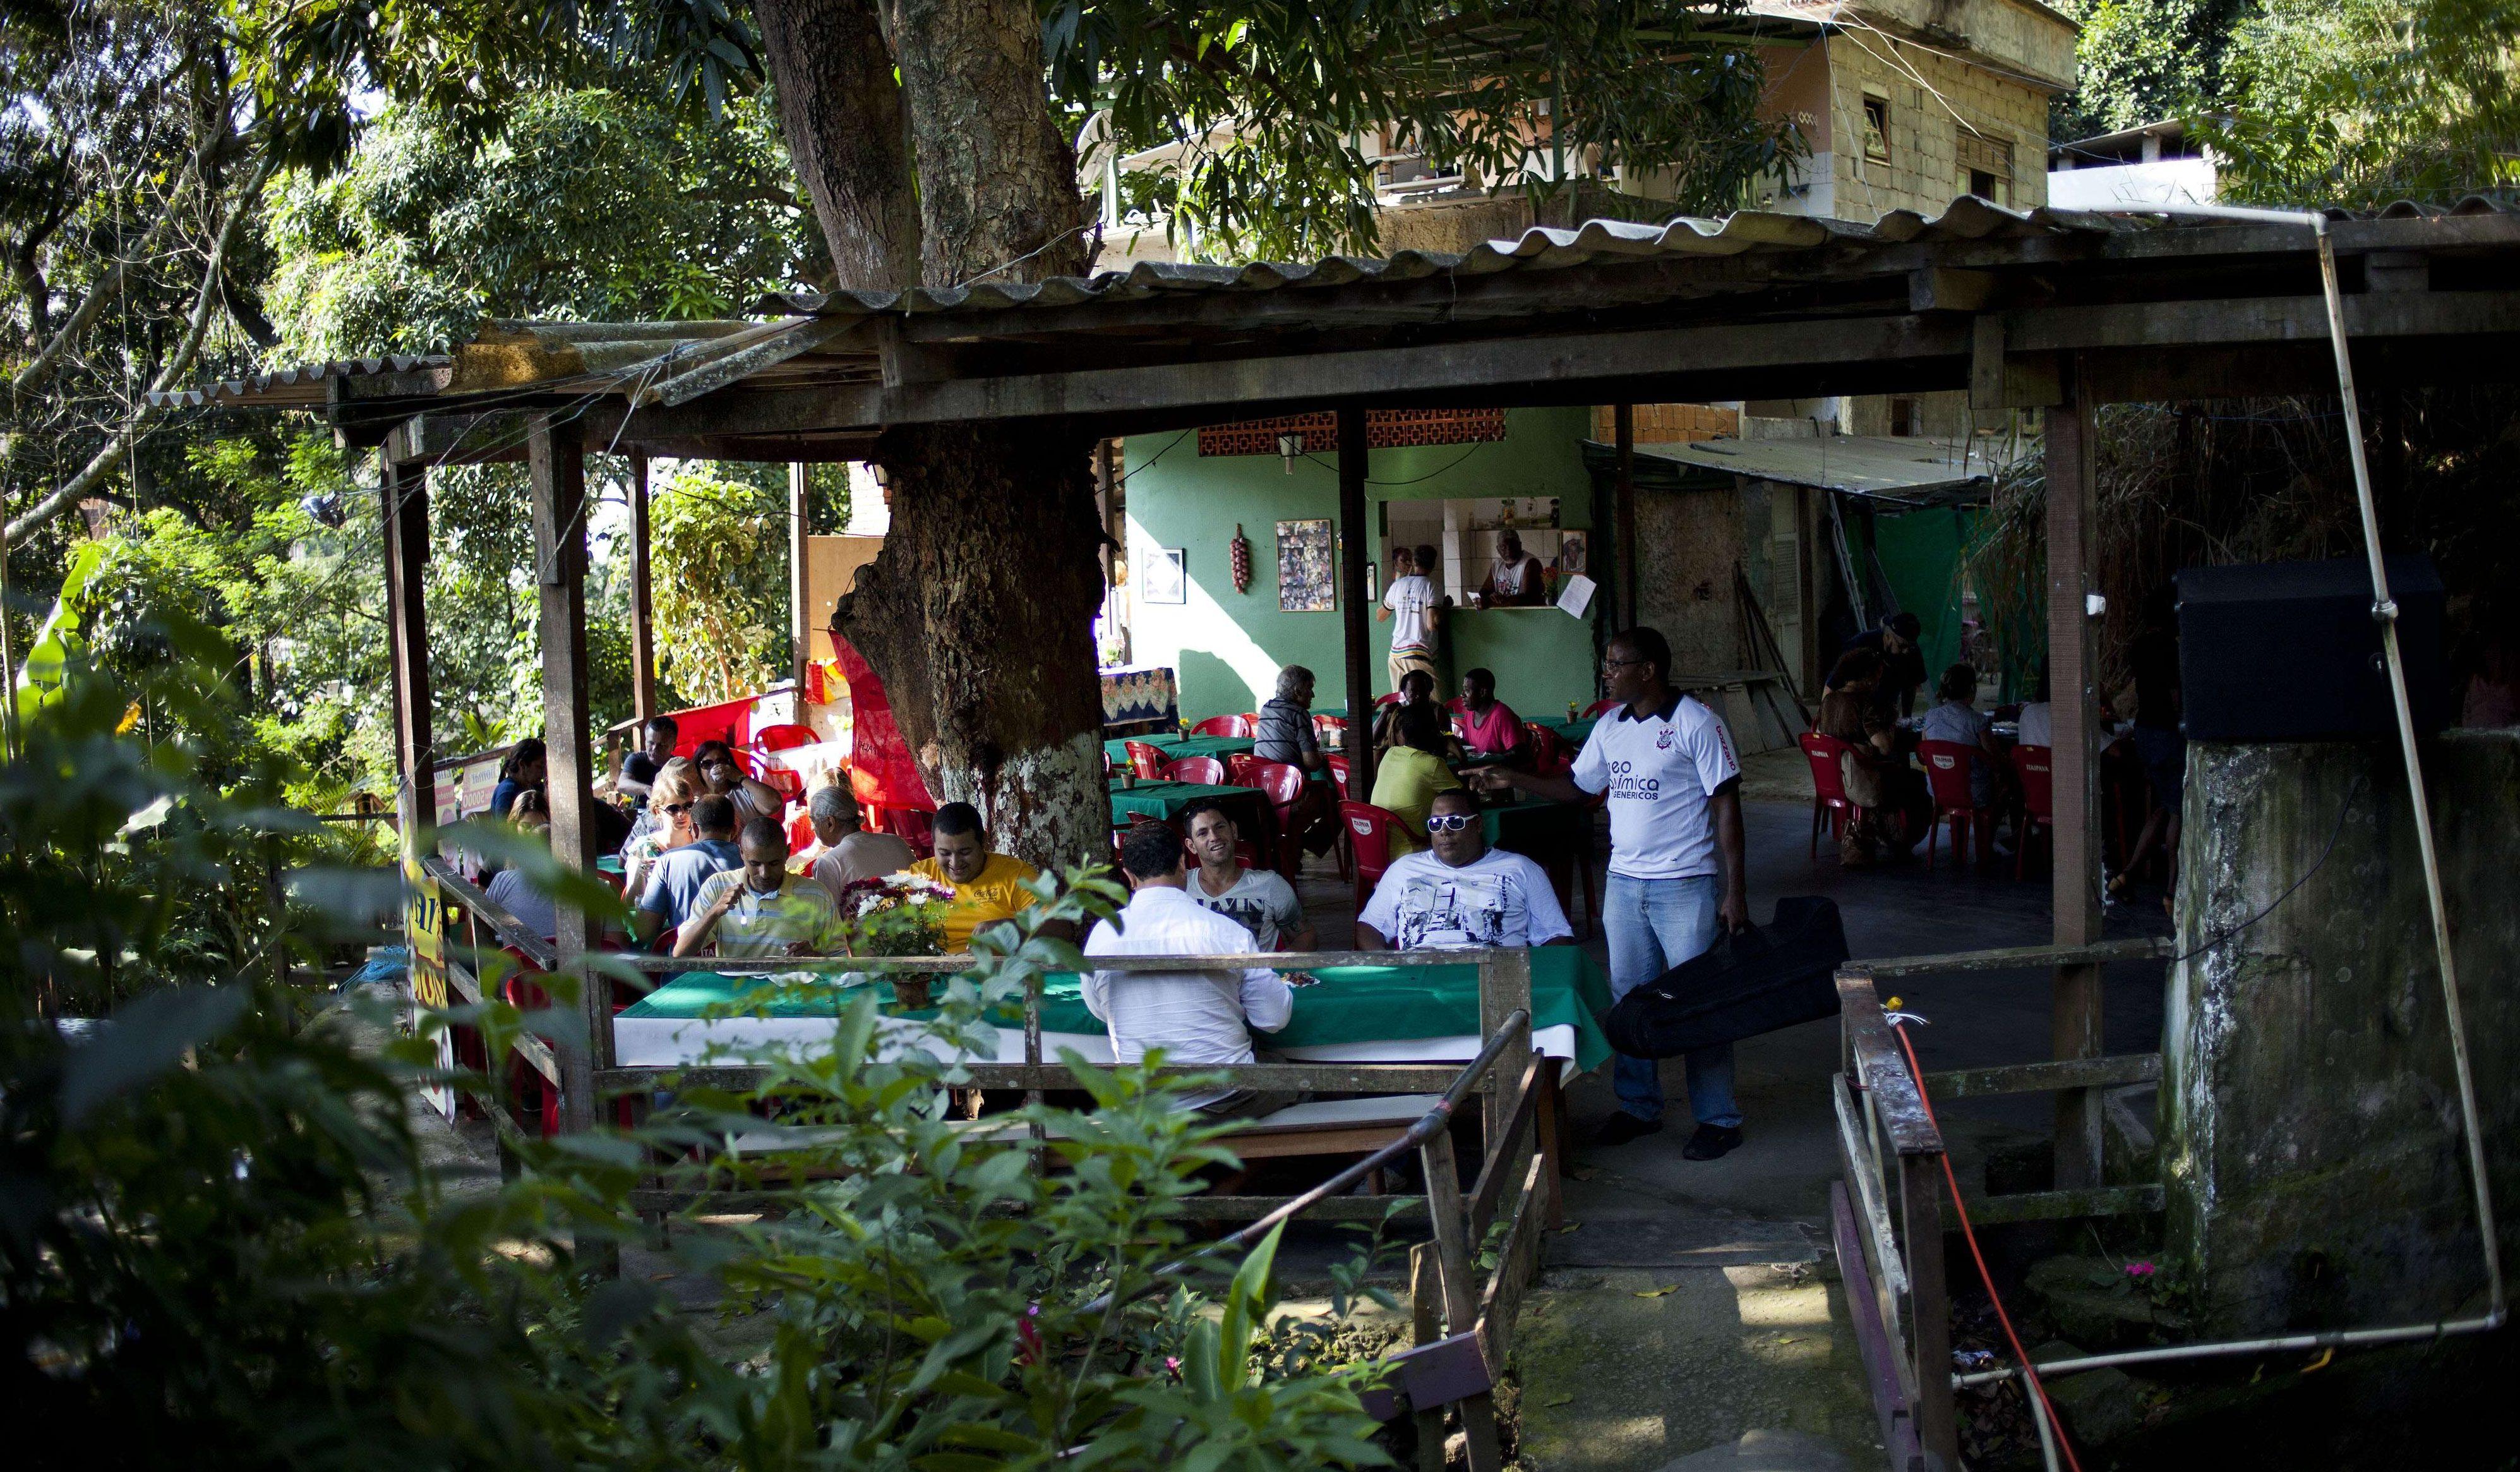 Des habitants du Quilombo Sacopa à Rio de Janeiro, au Brésil., se rassemblent pour manger.